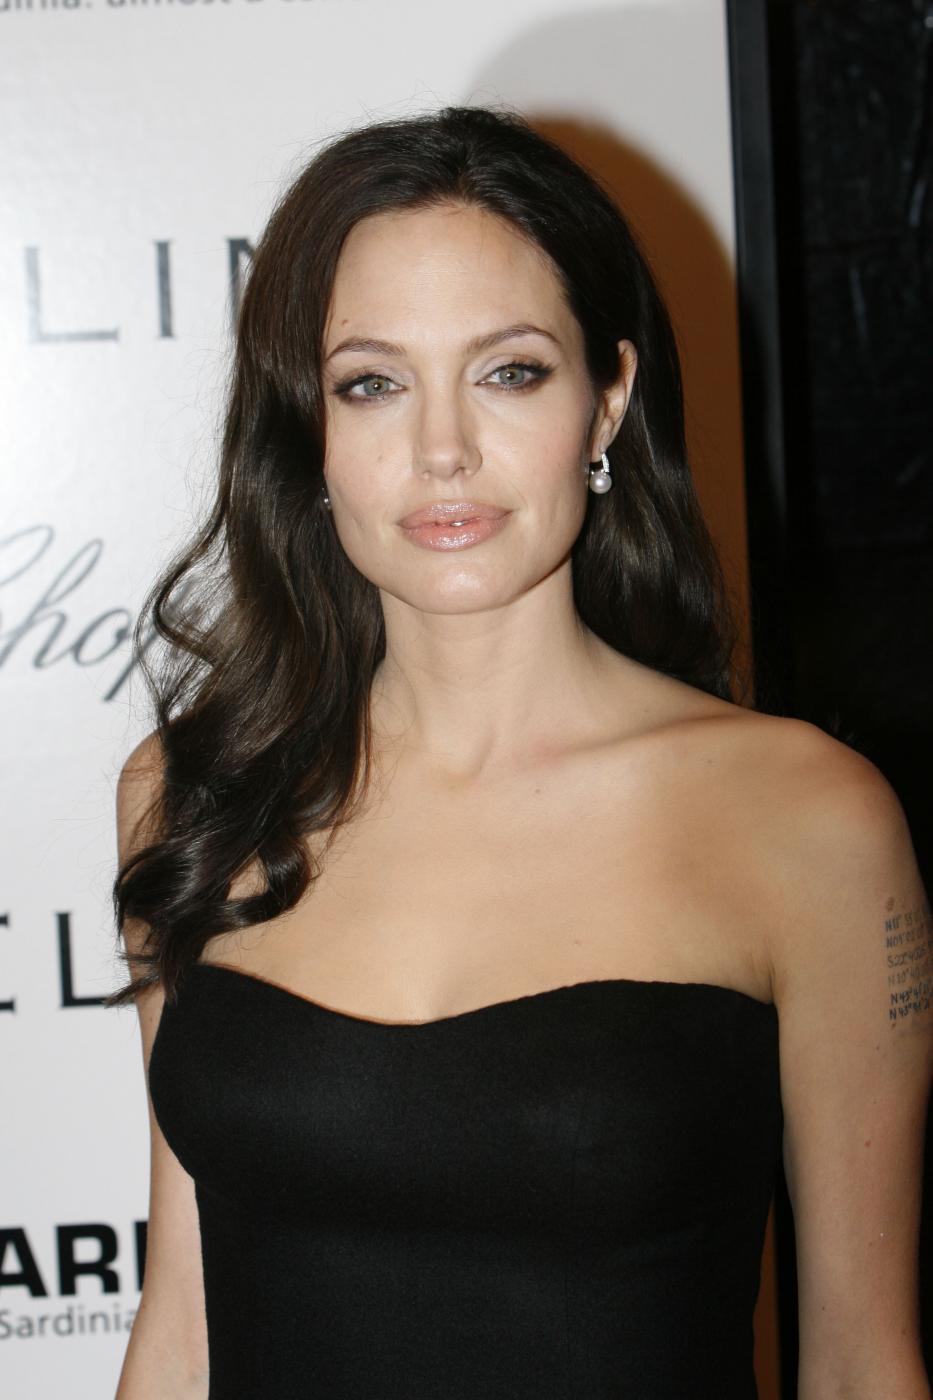 Angelina Jolie, com'era e com'è. L'attrice compie 40 anni FOTO 22